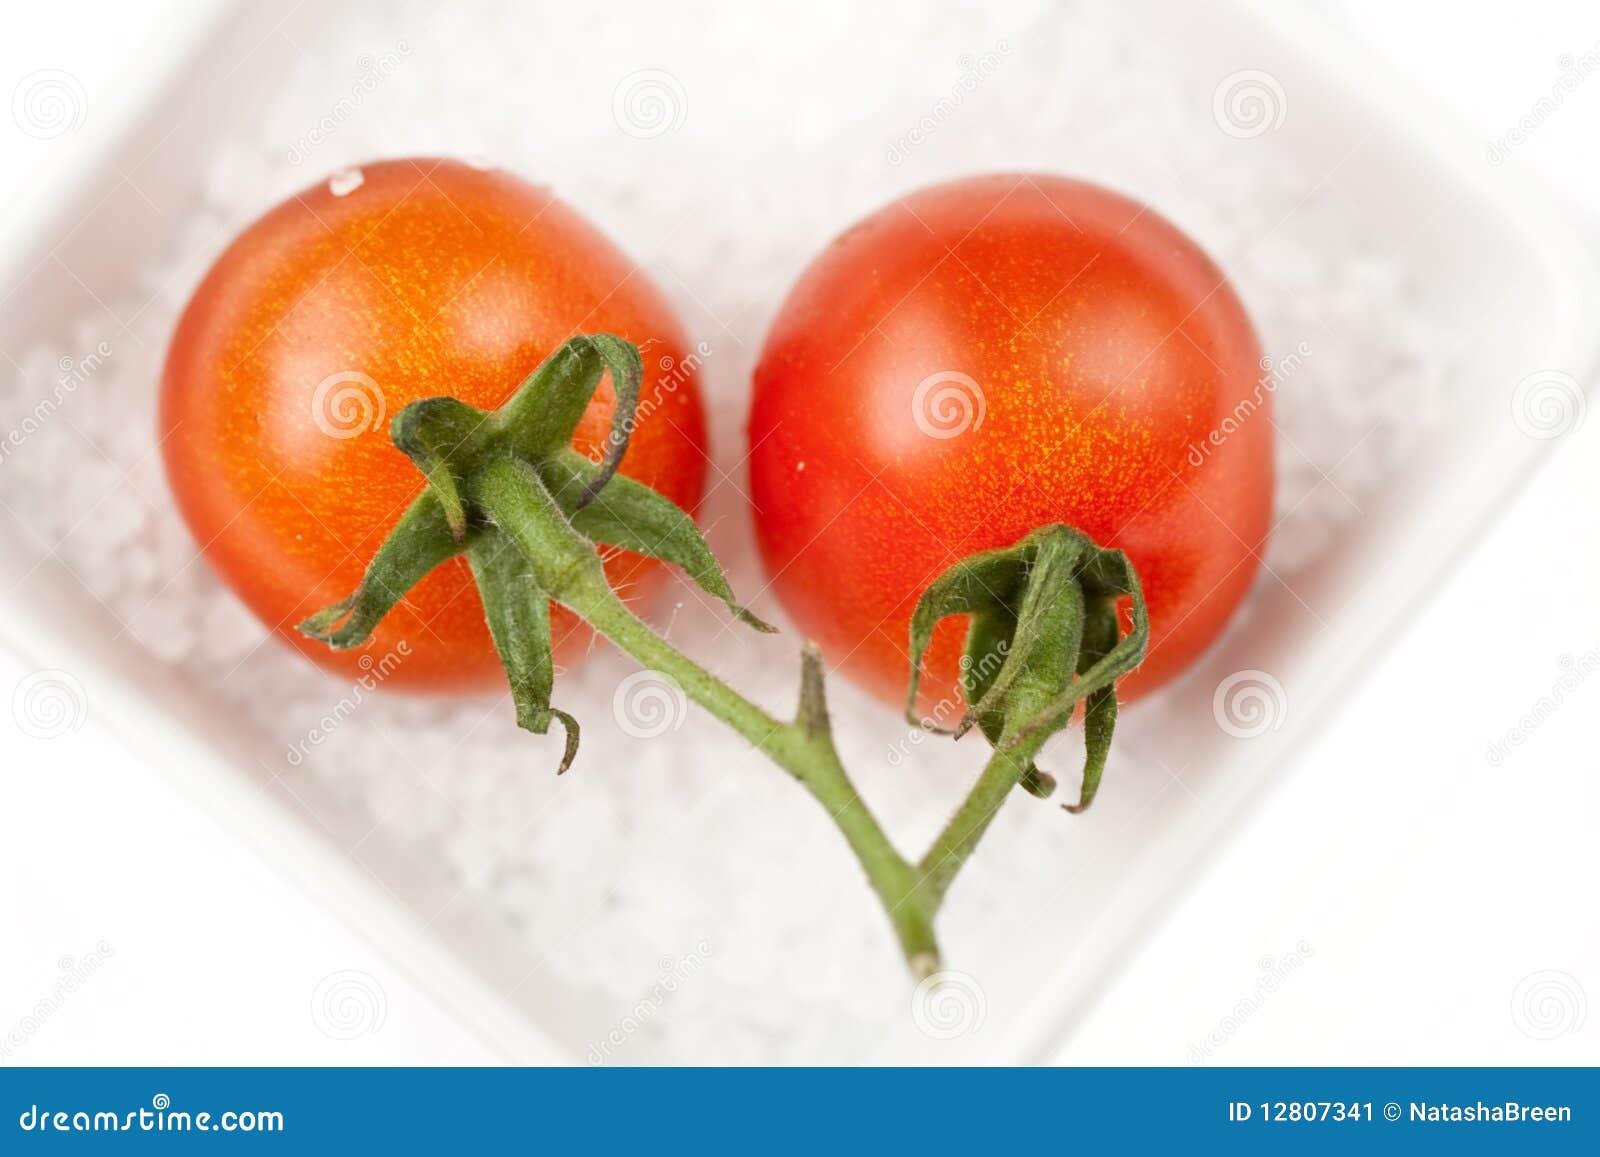 Cereja dos tomates